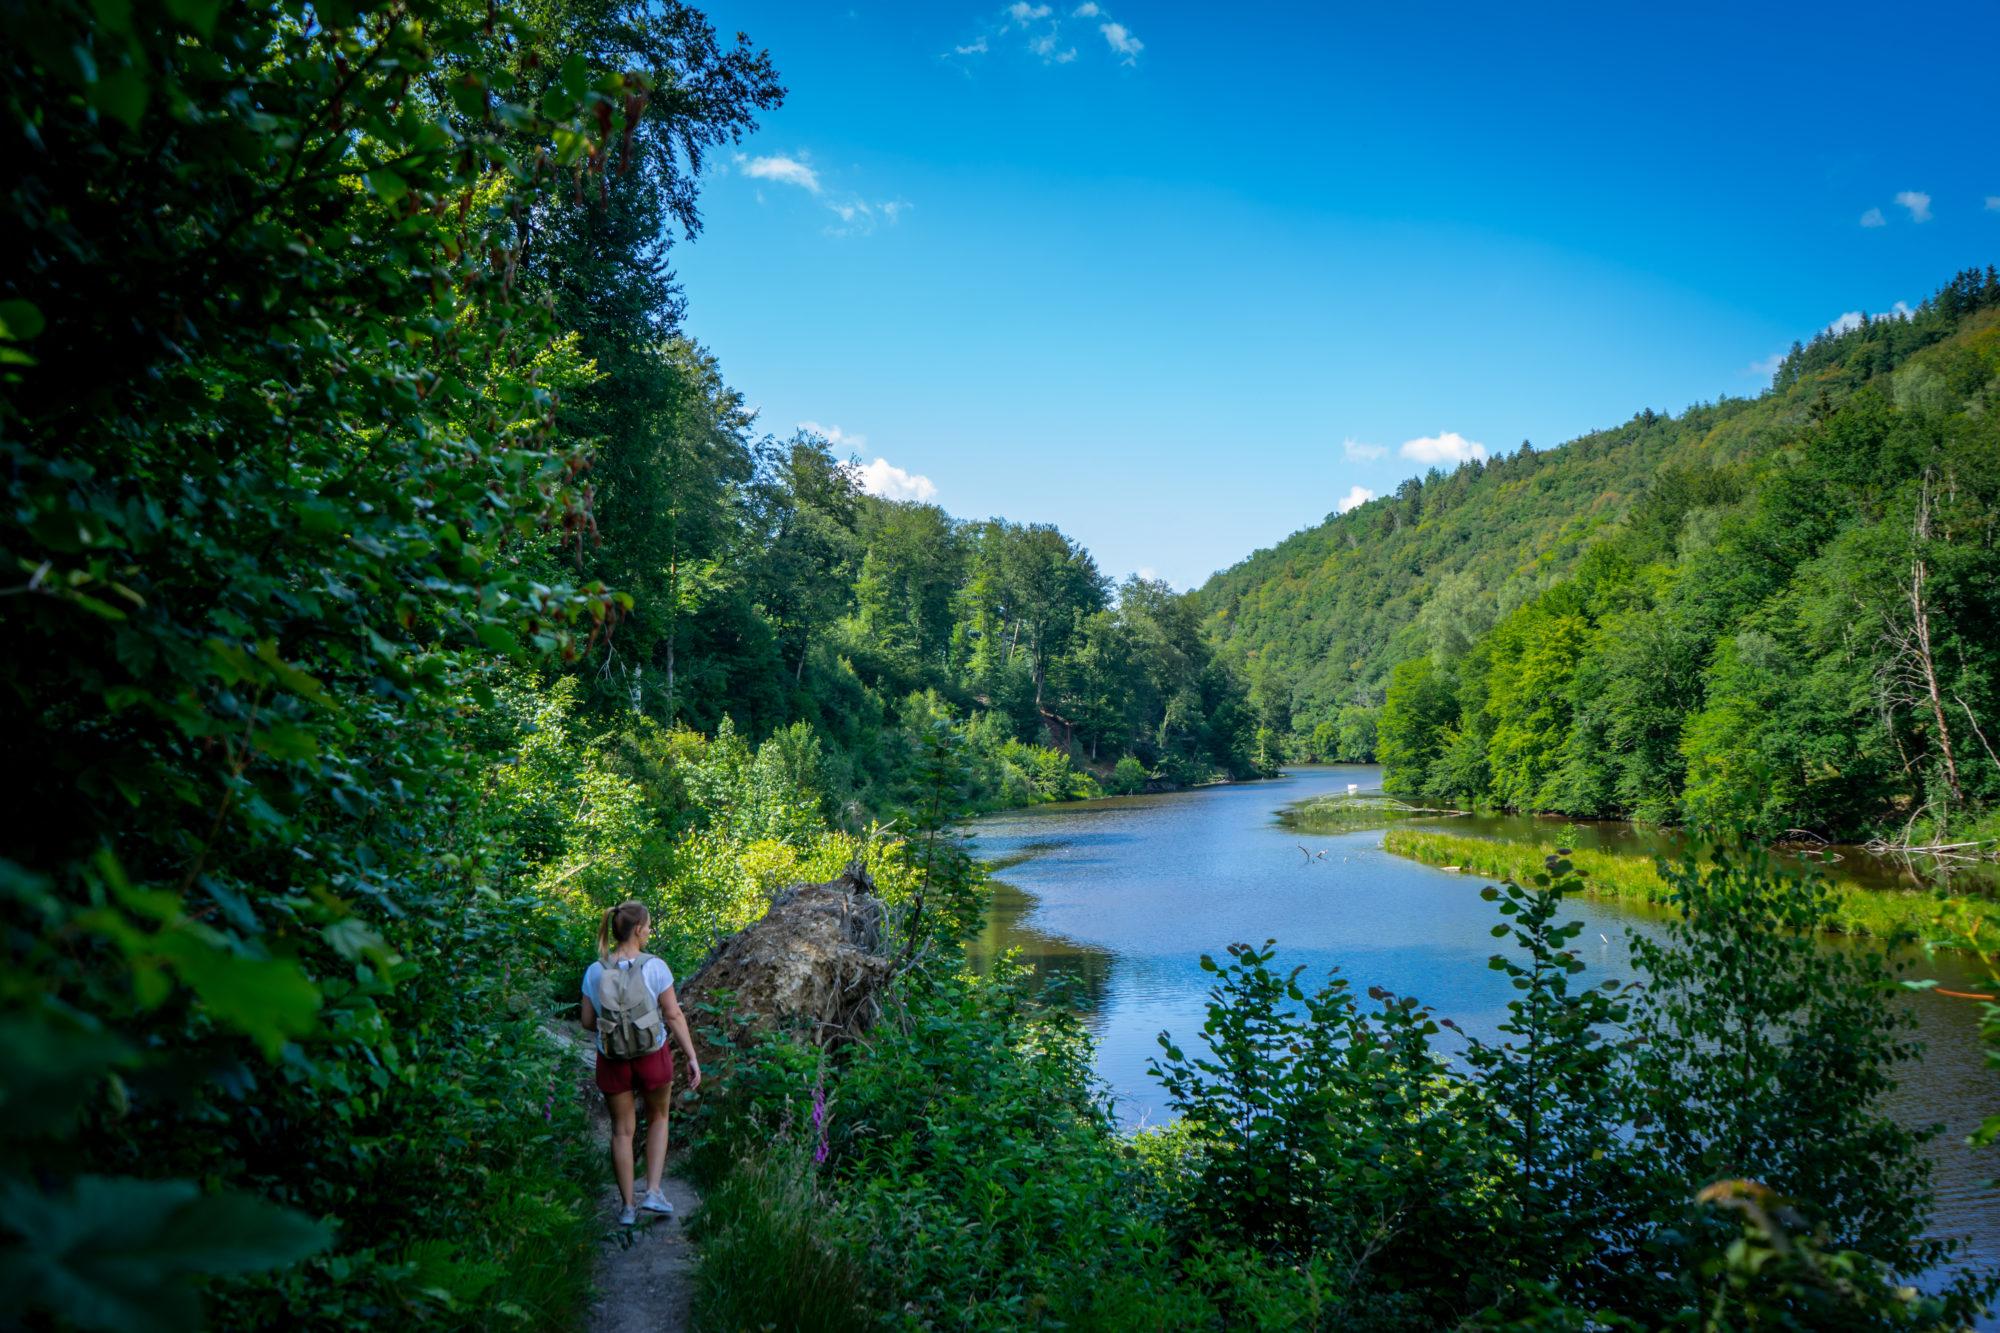 Lac de Nisramont, wandelhutspot in de Ardennen